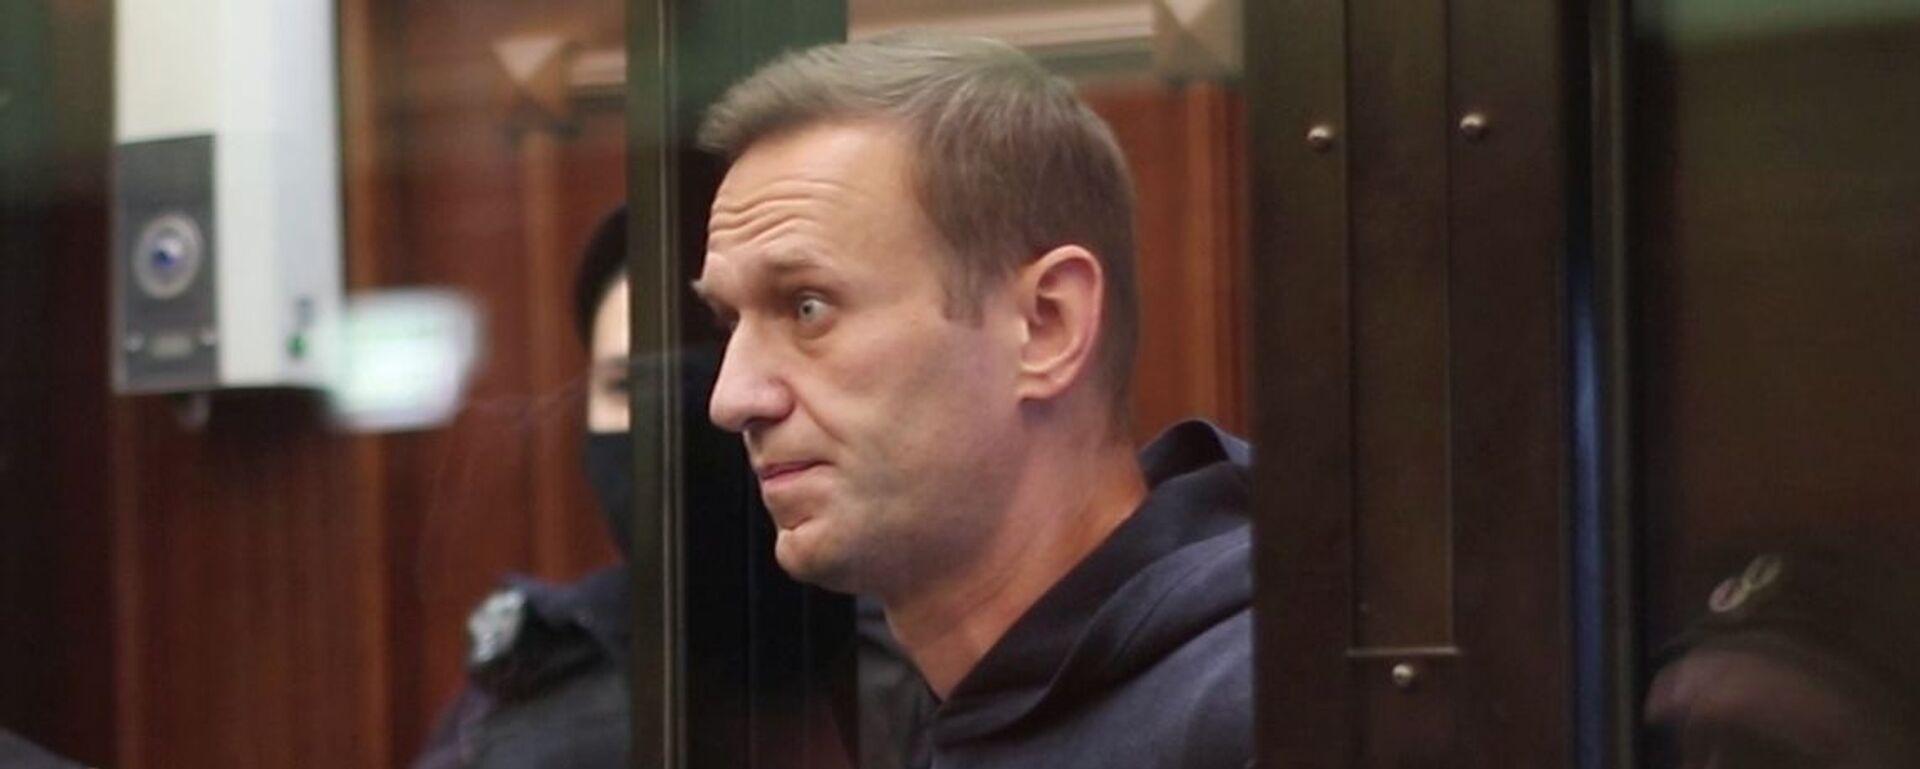 Заседание суда по делу А. Навального - Sputnik Ўзбекистон, 1920, 06.10.2021